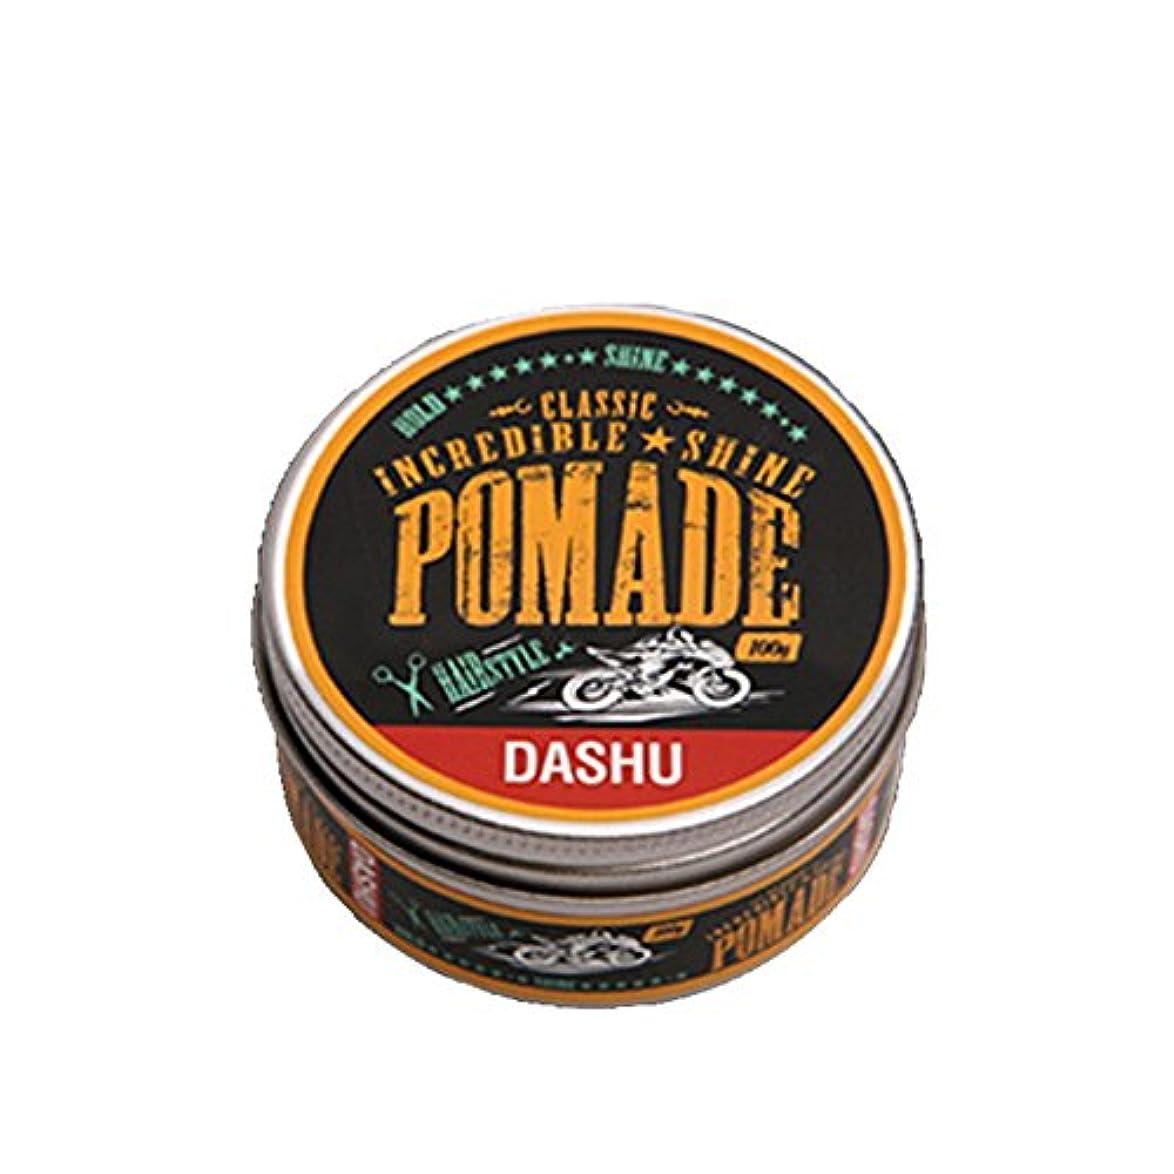 増幅する瞑想する添加[DASHU] ダシュ クラシック 信じられないほどの輝き ポマードワックス Classic Incredible Shine Pomade Hair Wax 100ml / 韓国製 . 韓国直送品